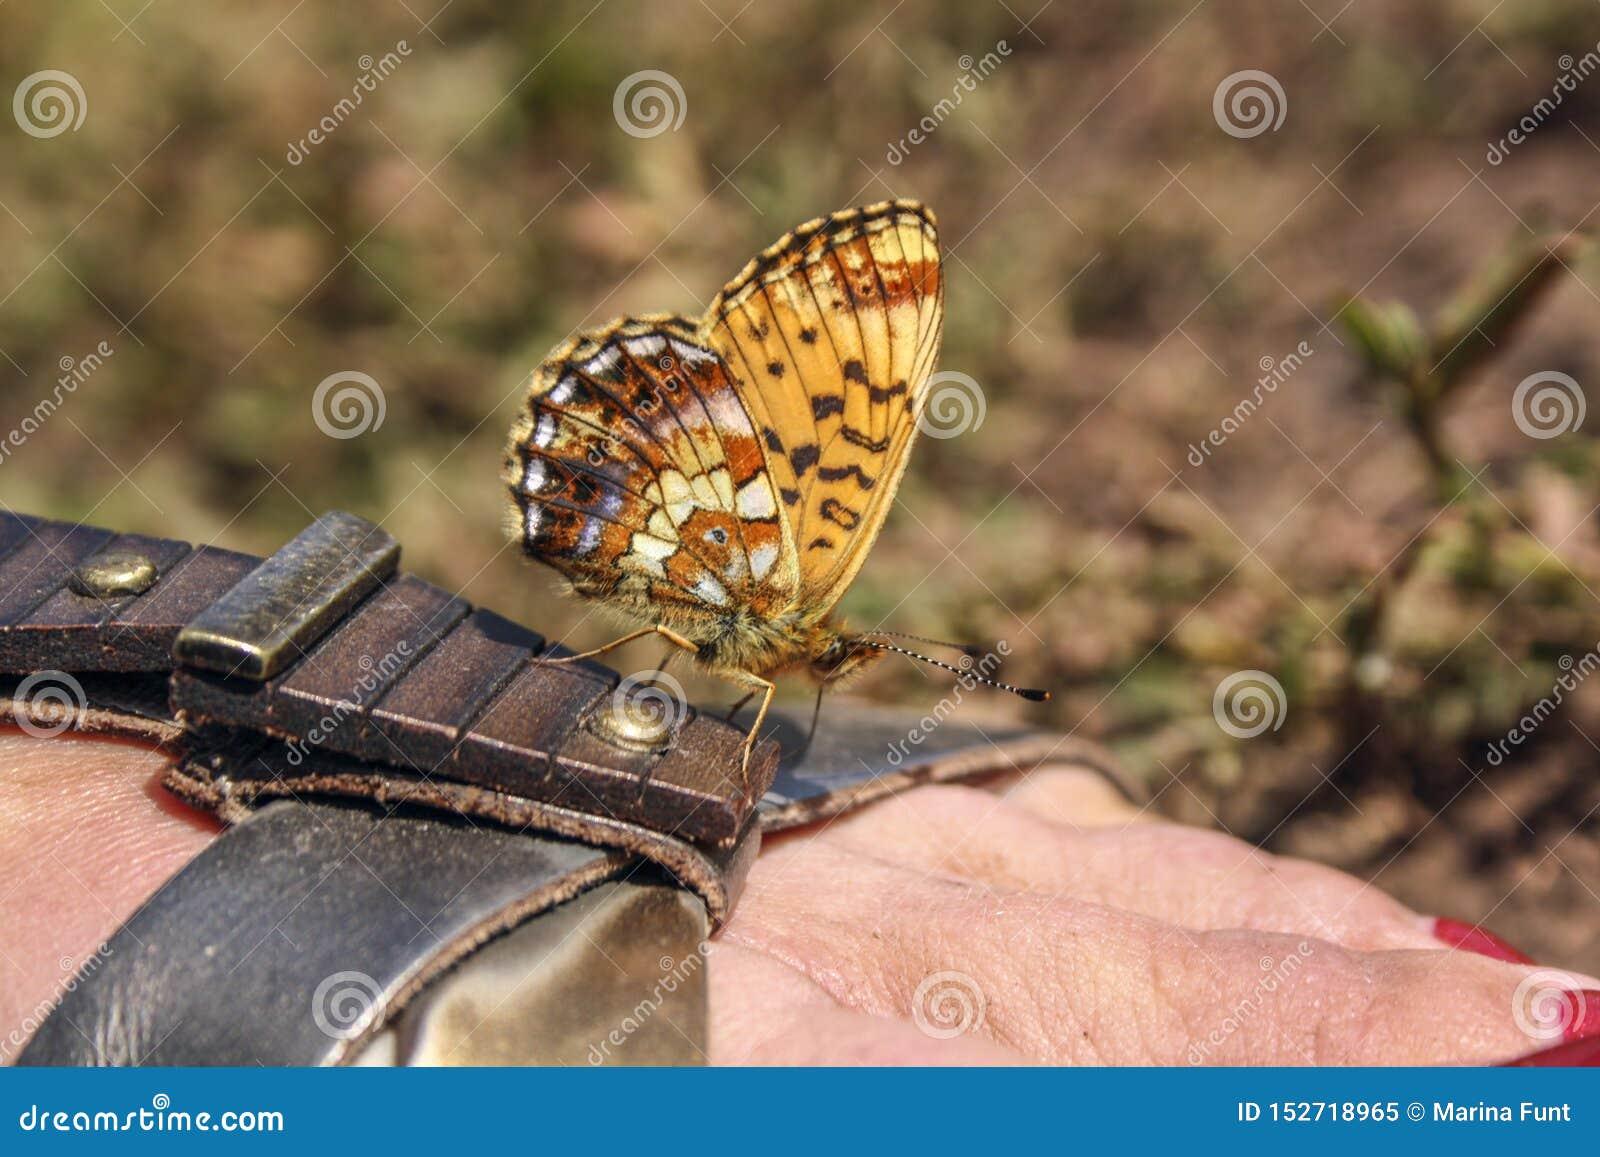 Orange Schmetterling sitzt auf einer braunen Sandale